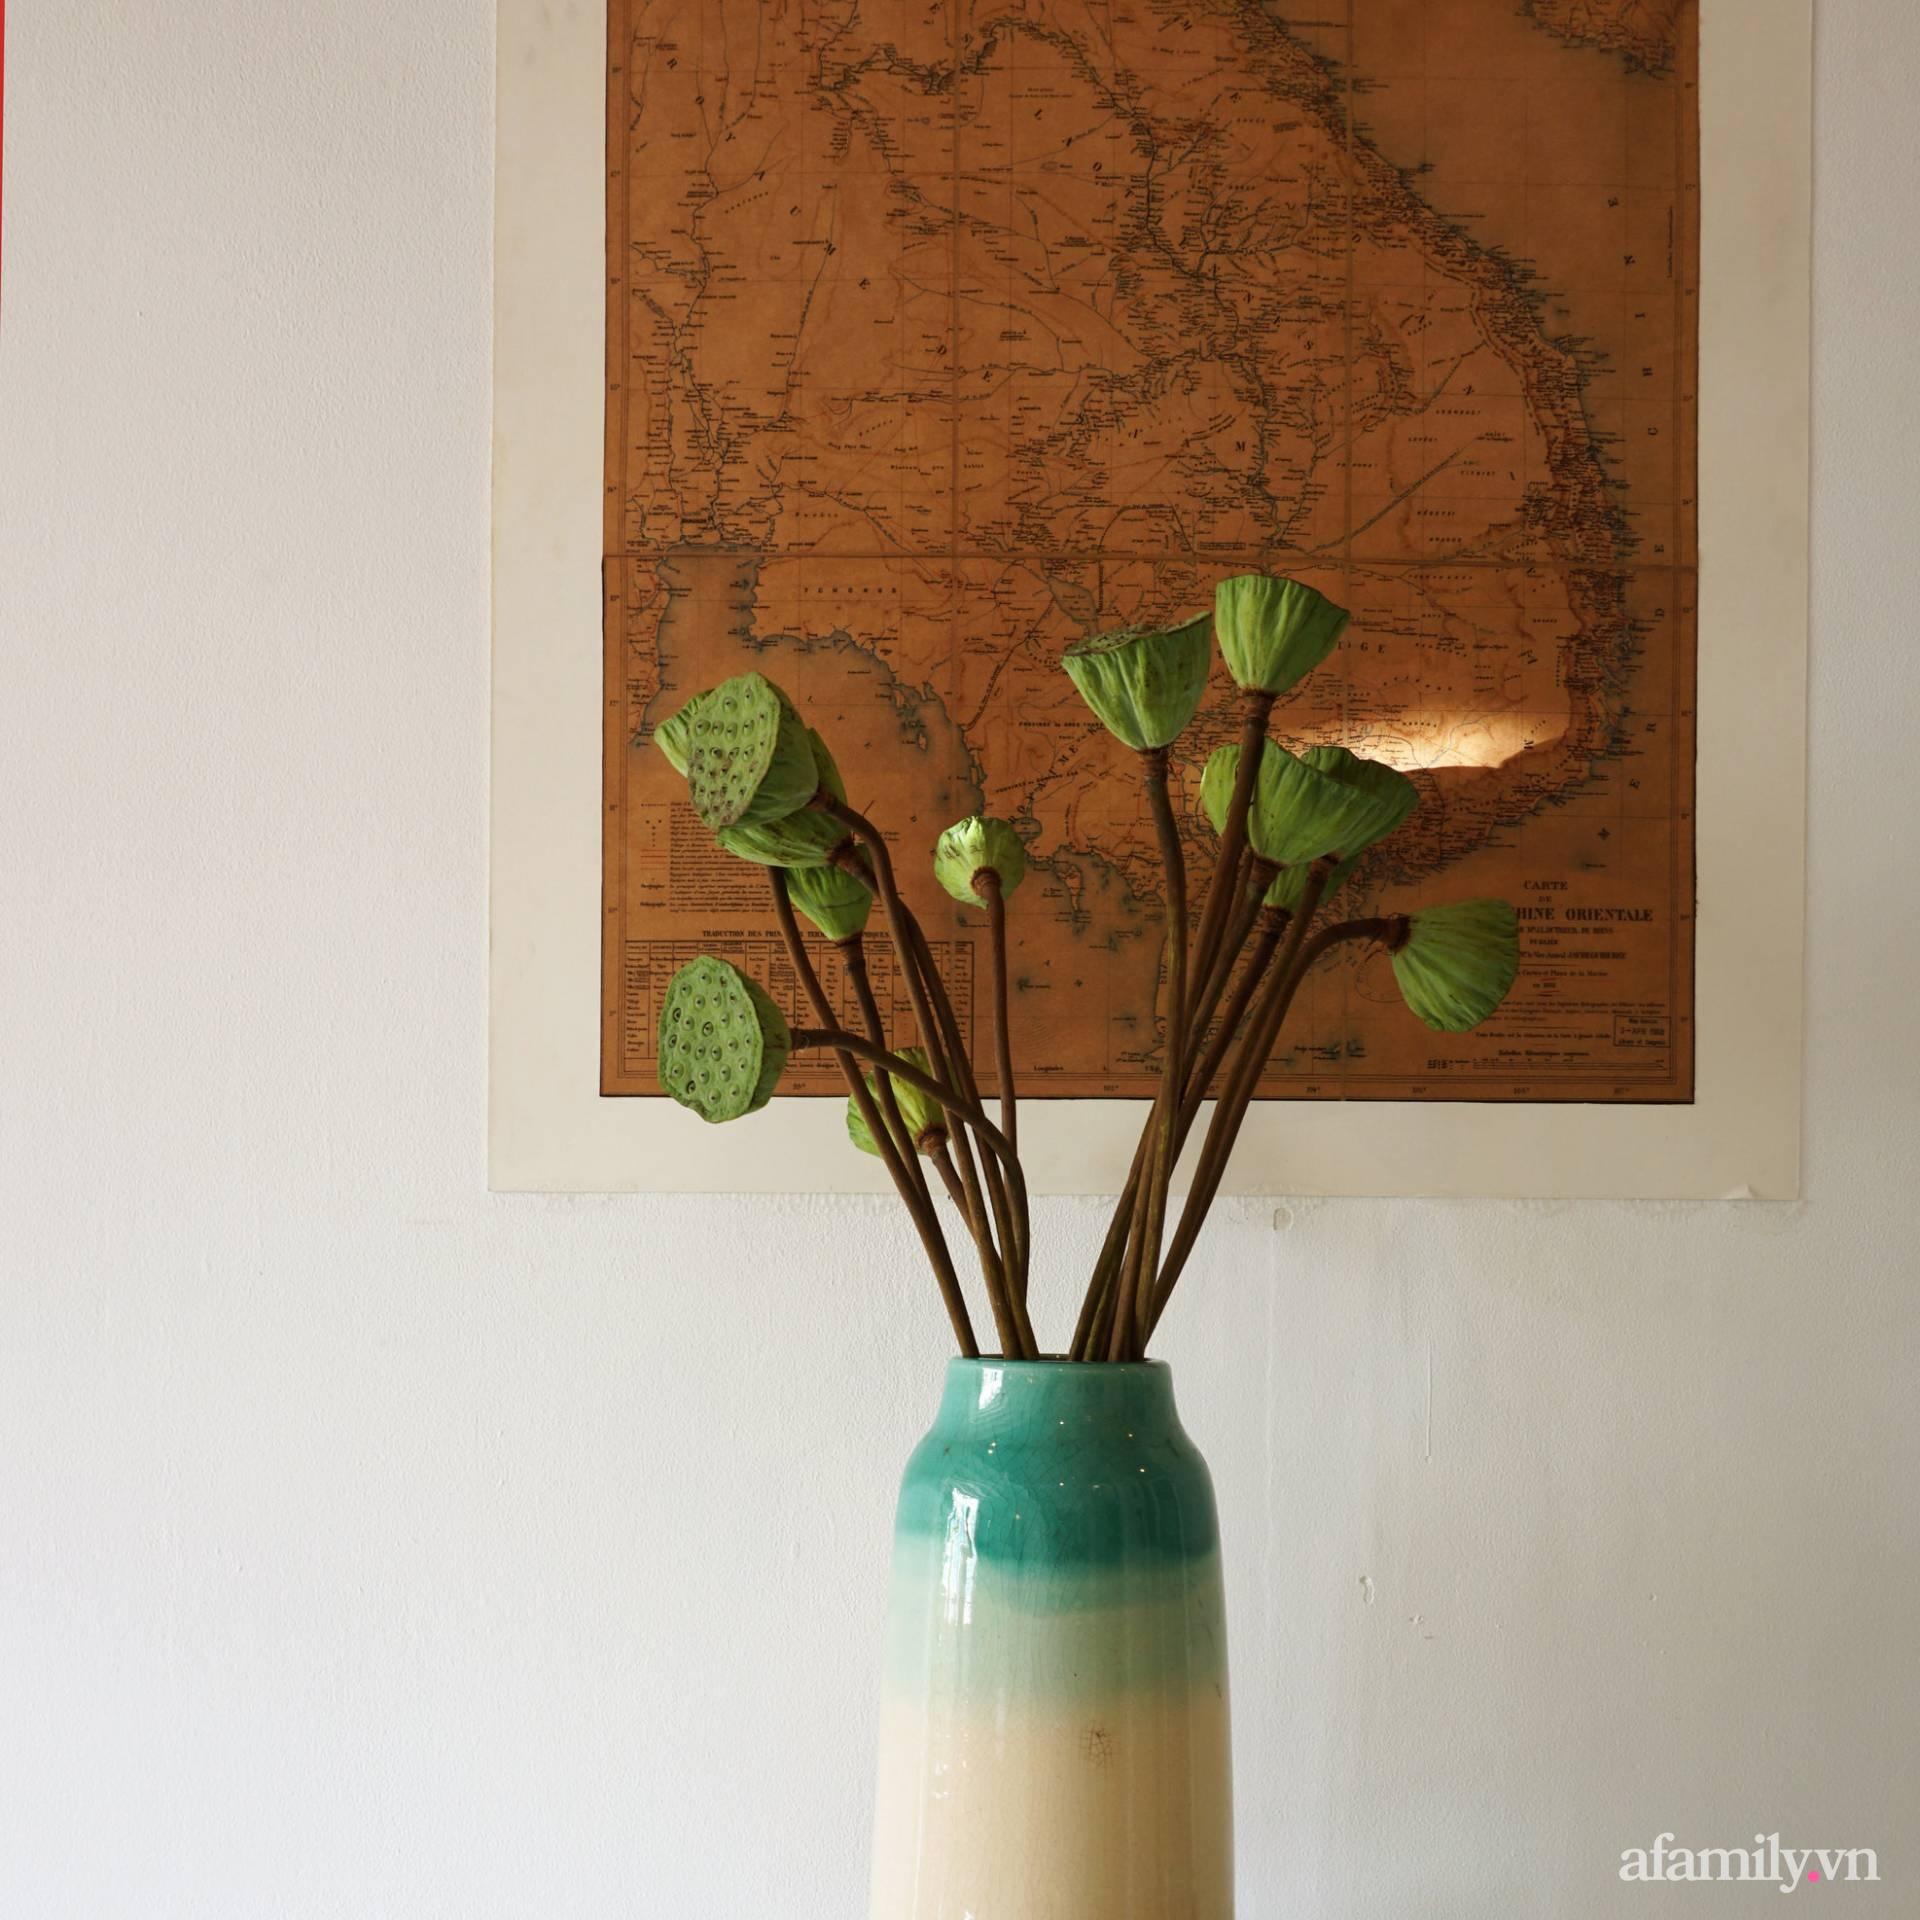 Cải tạo nhà tập thể đẹp hoài cổ lấy cảm hứng từ phong cách Đông Dương có chi phí 120 triệu đồng ở Sài Gòn - Ảnh 6.